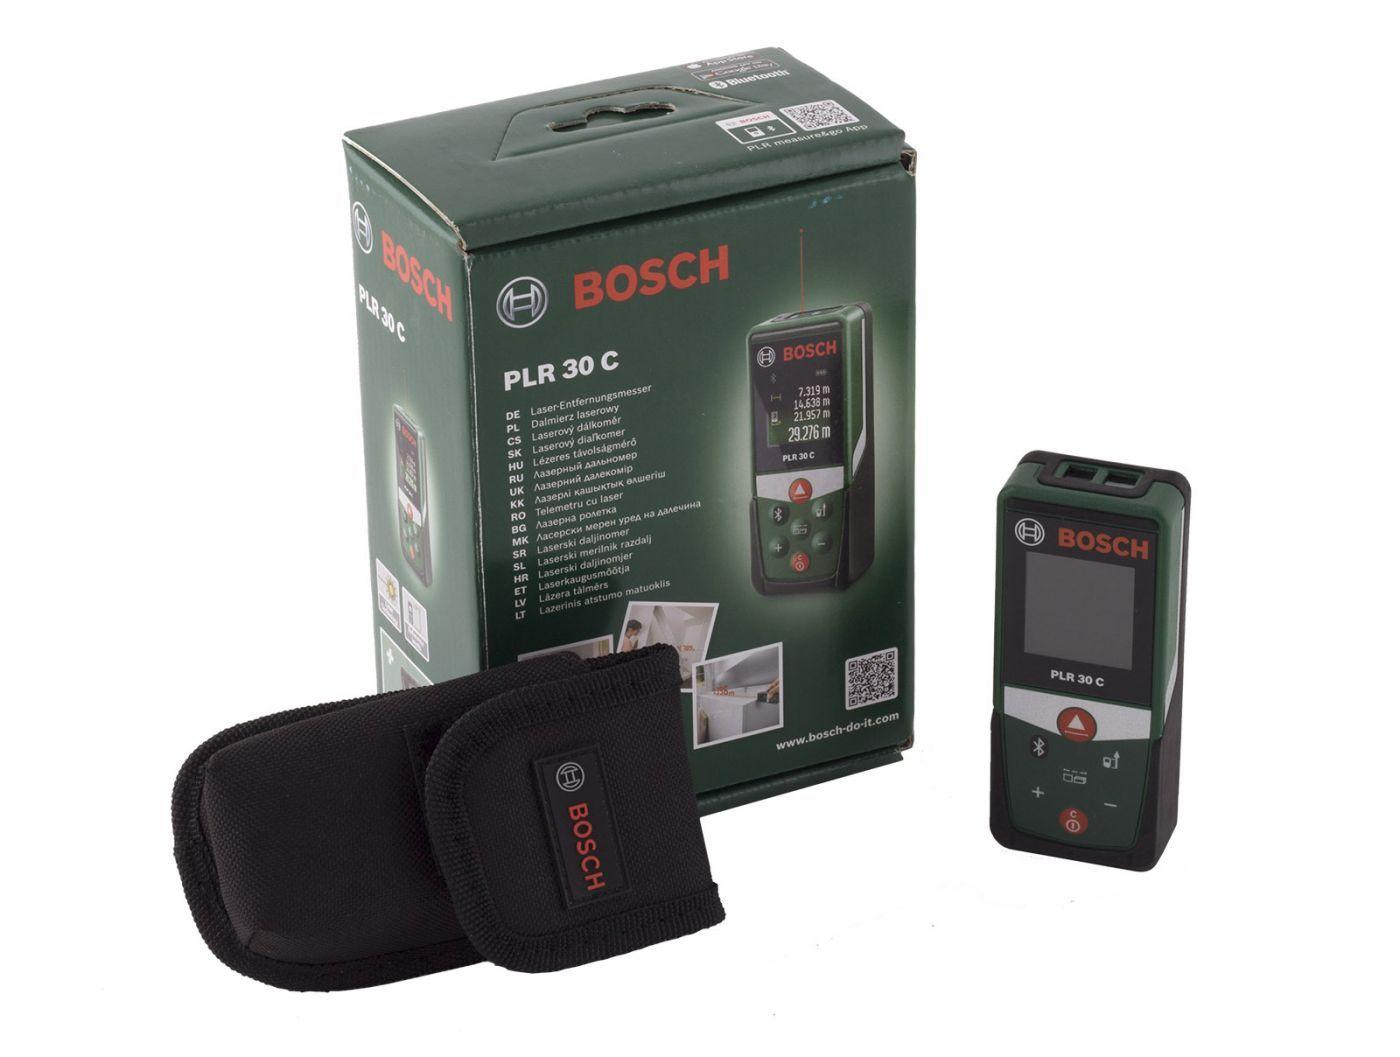 Laser Entfernungsmesser Plr 30 C : Laser entfernungsmesser plr c bosch tests infos